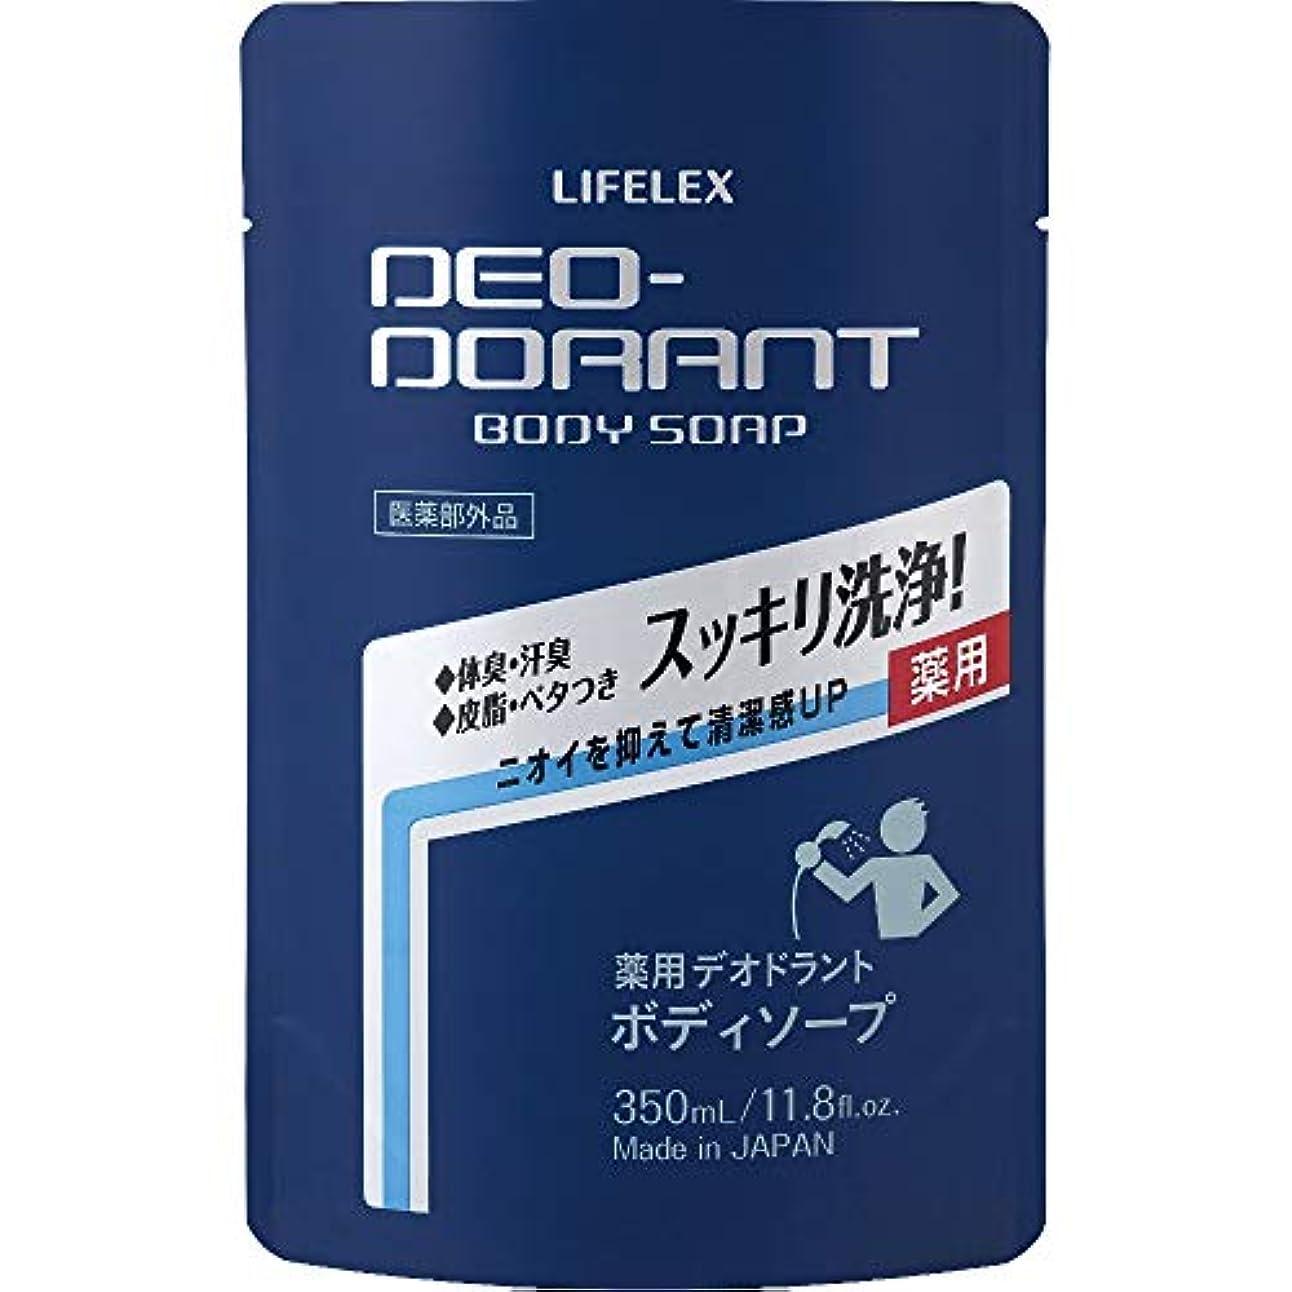 臭い別れる崇拝しますコーナン オリジナル LIFELEX 薬用デオドラント ボディソープ詰替 350ml